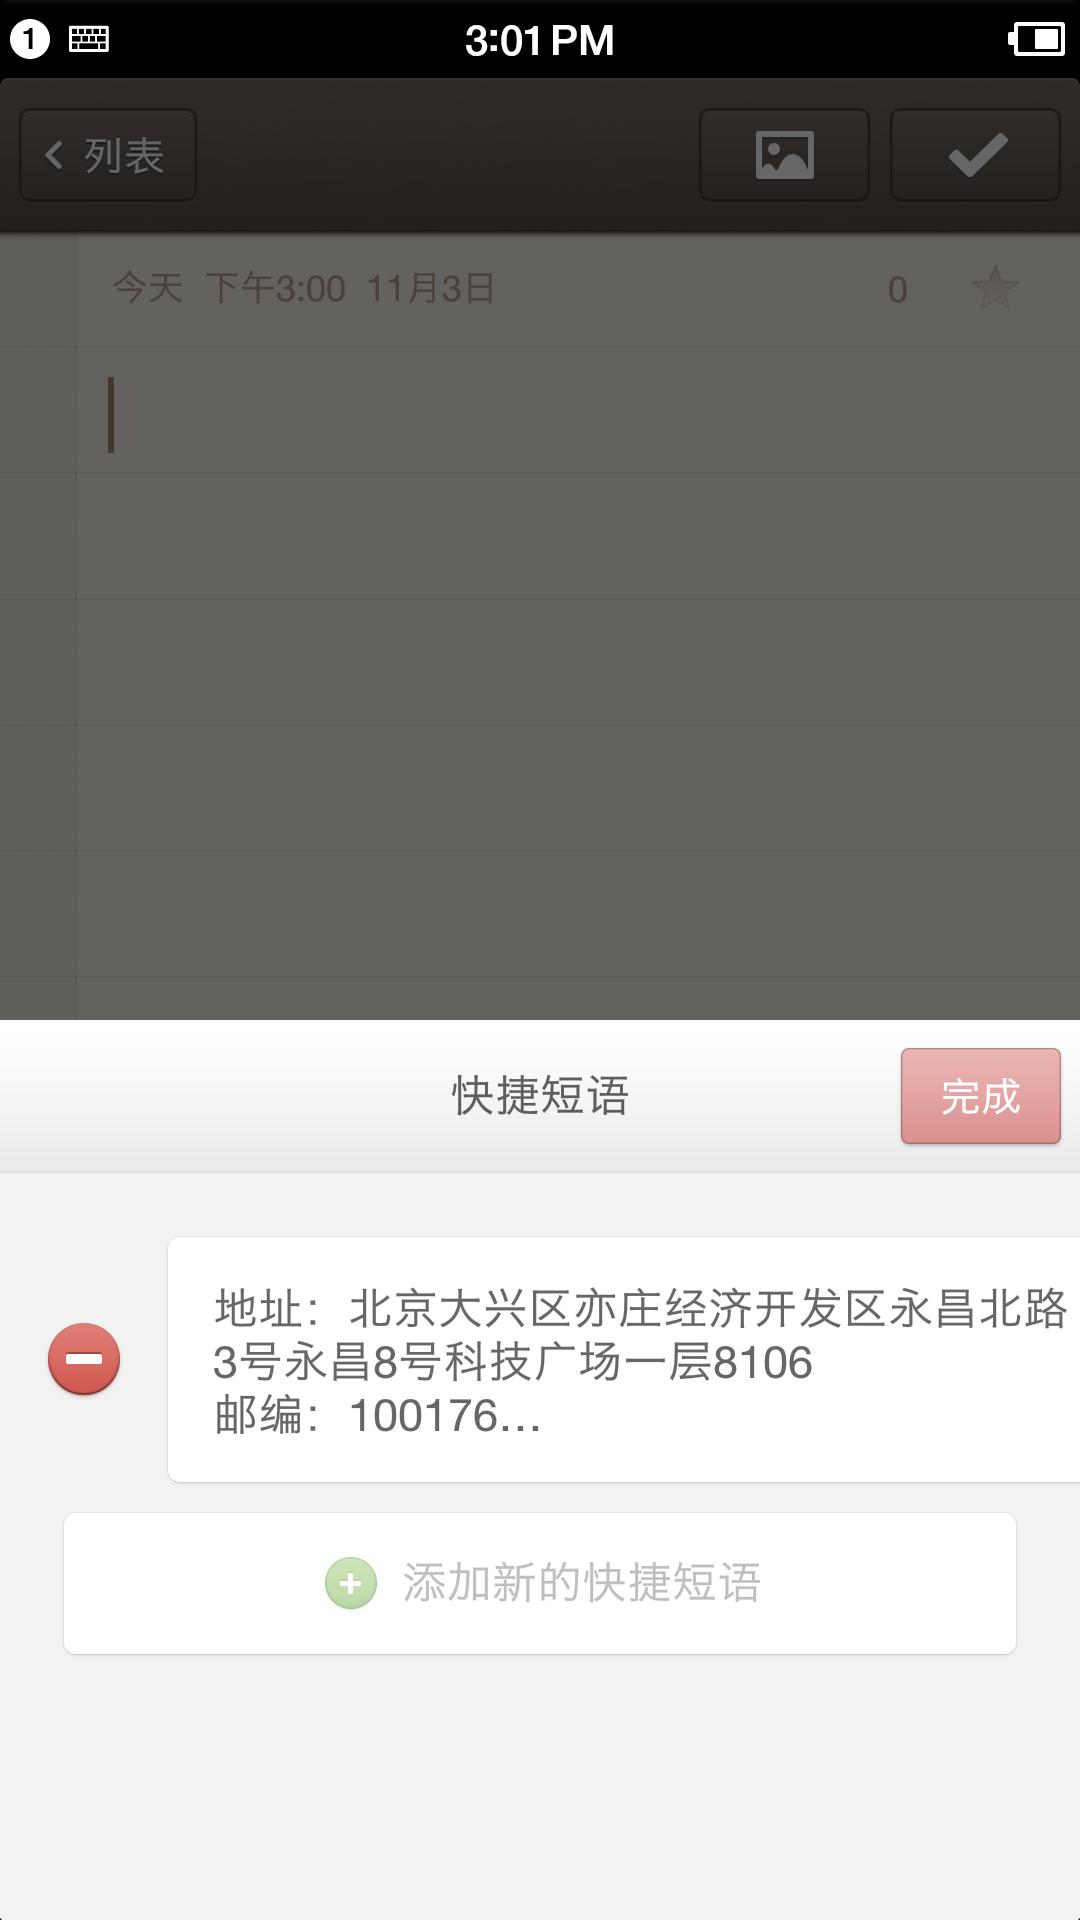 Screenshot_2015-11-03-15-01-03-181_便签.png